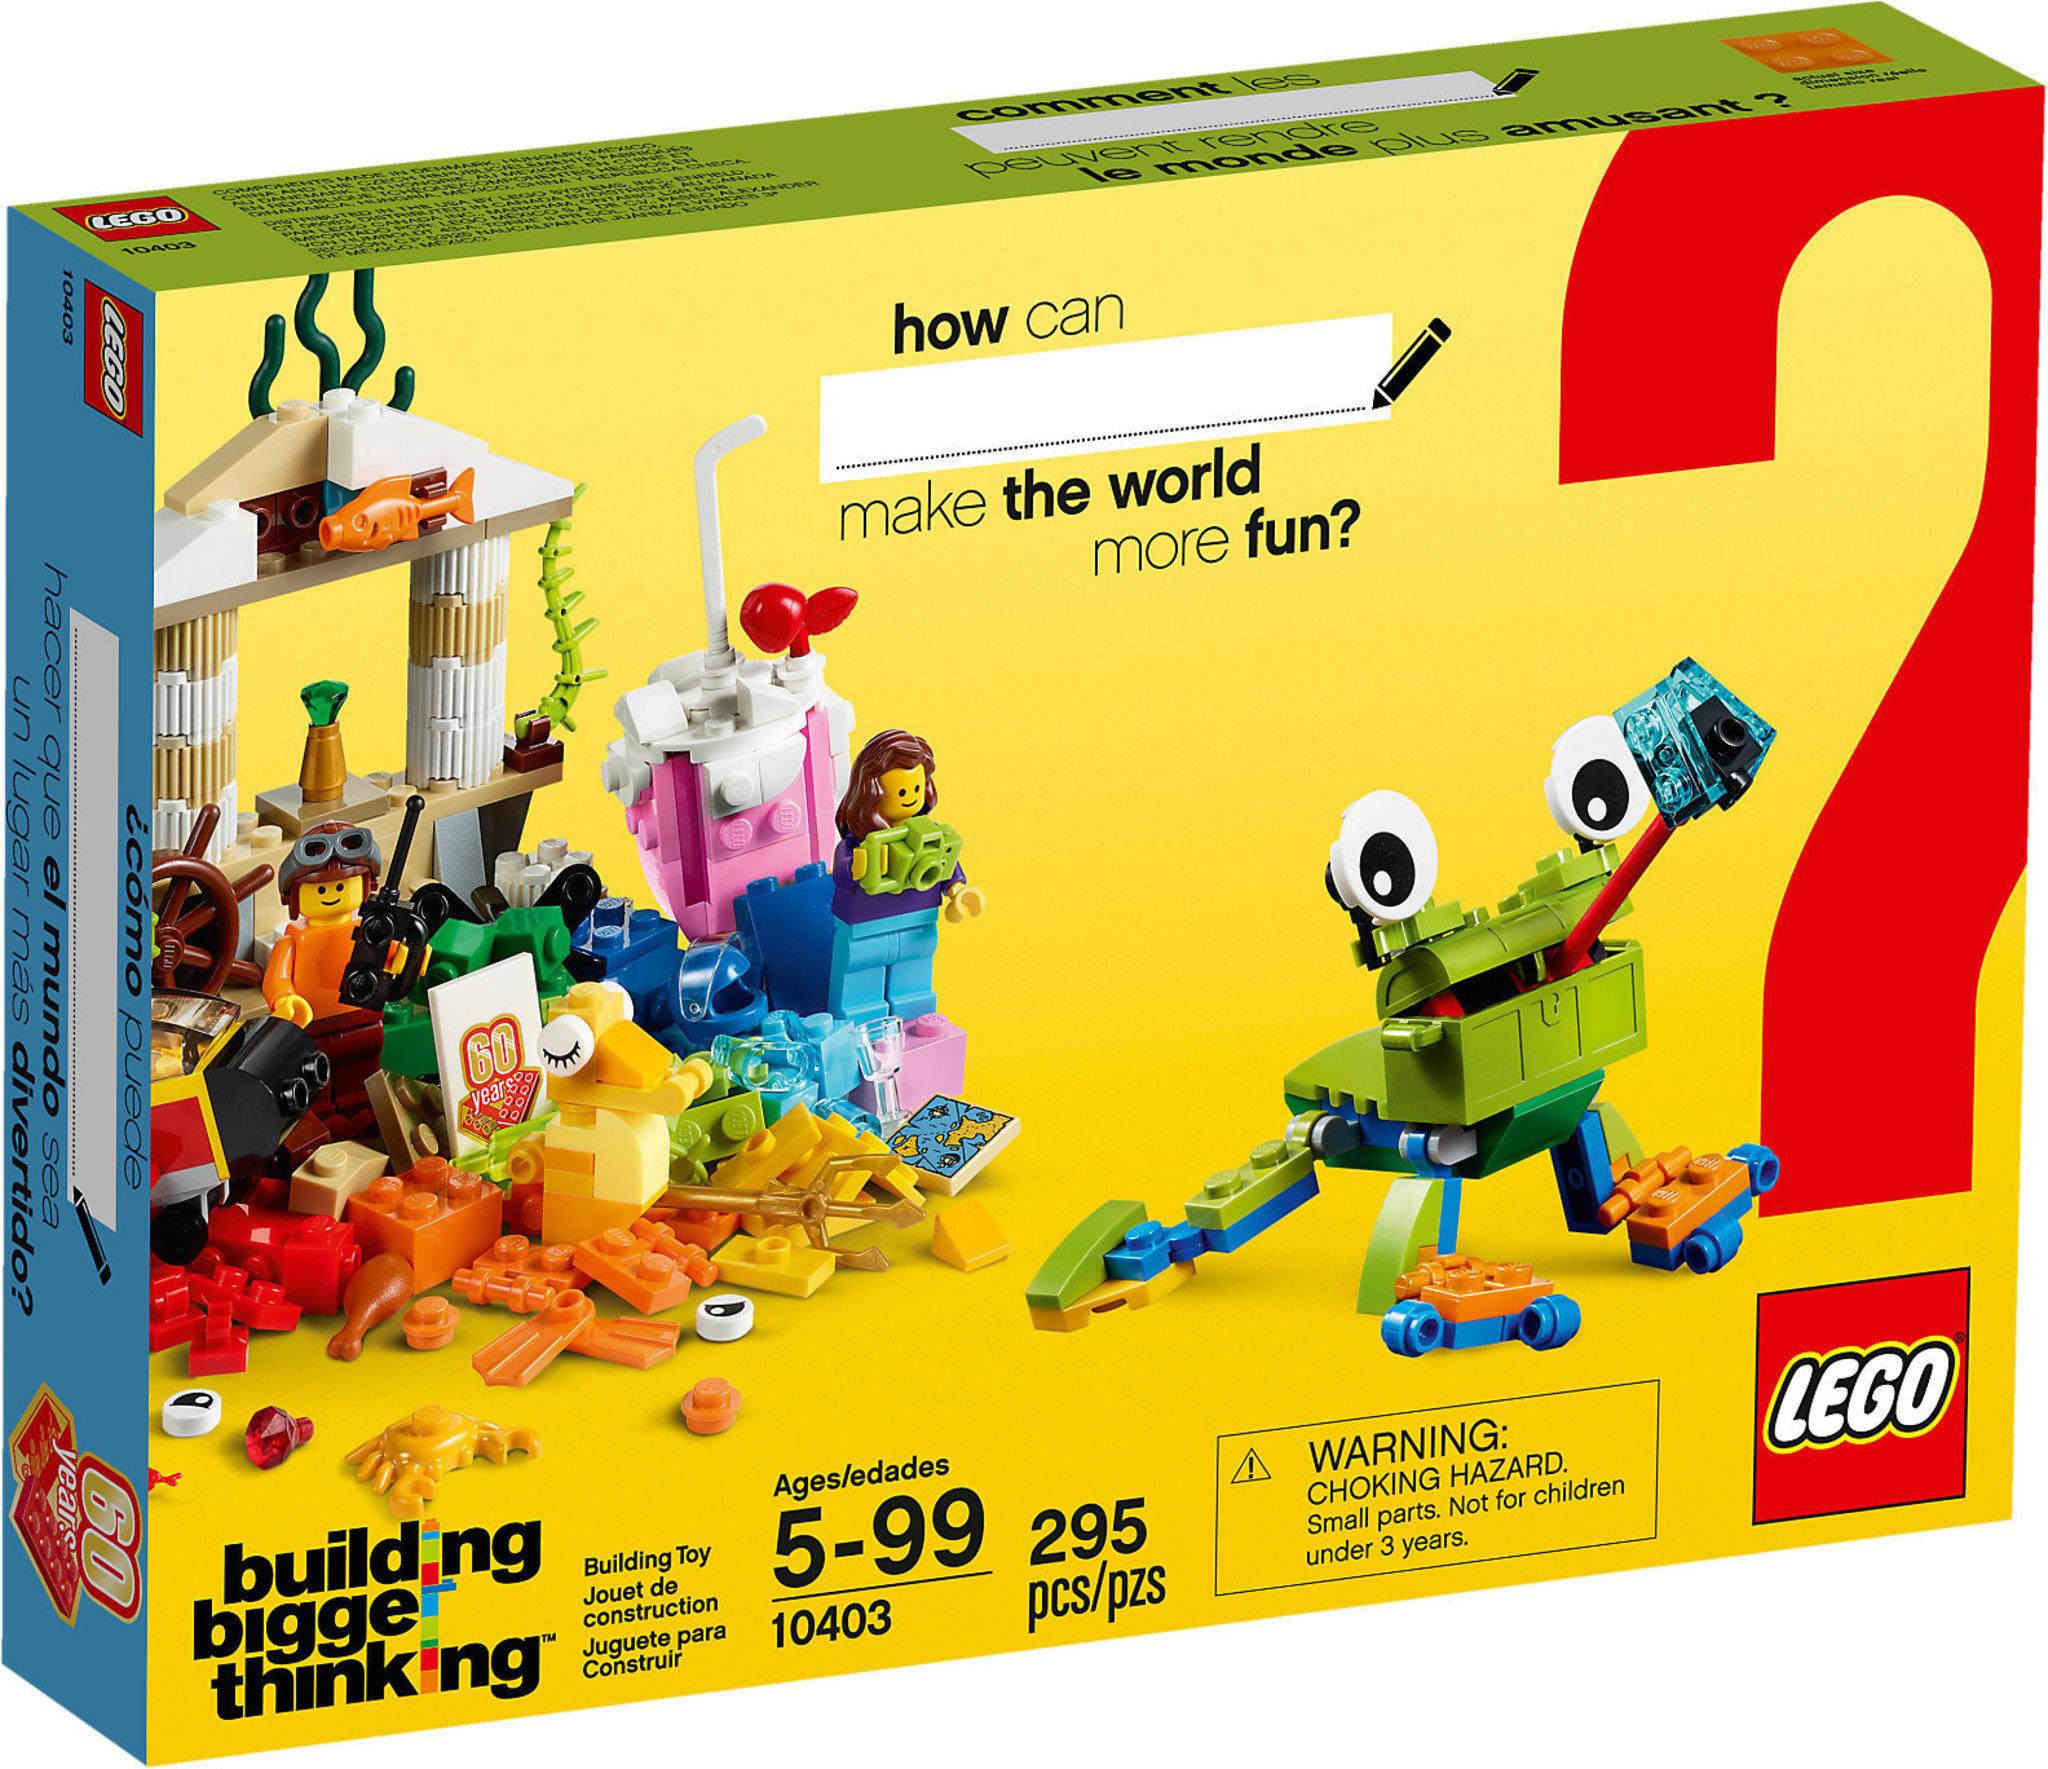 a42e5674fa9c LEGO Classic 10403 - World Fun | Mattonito